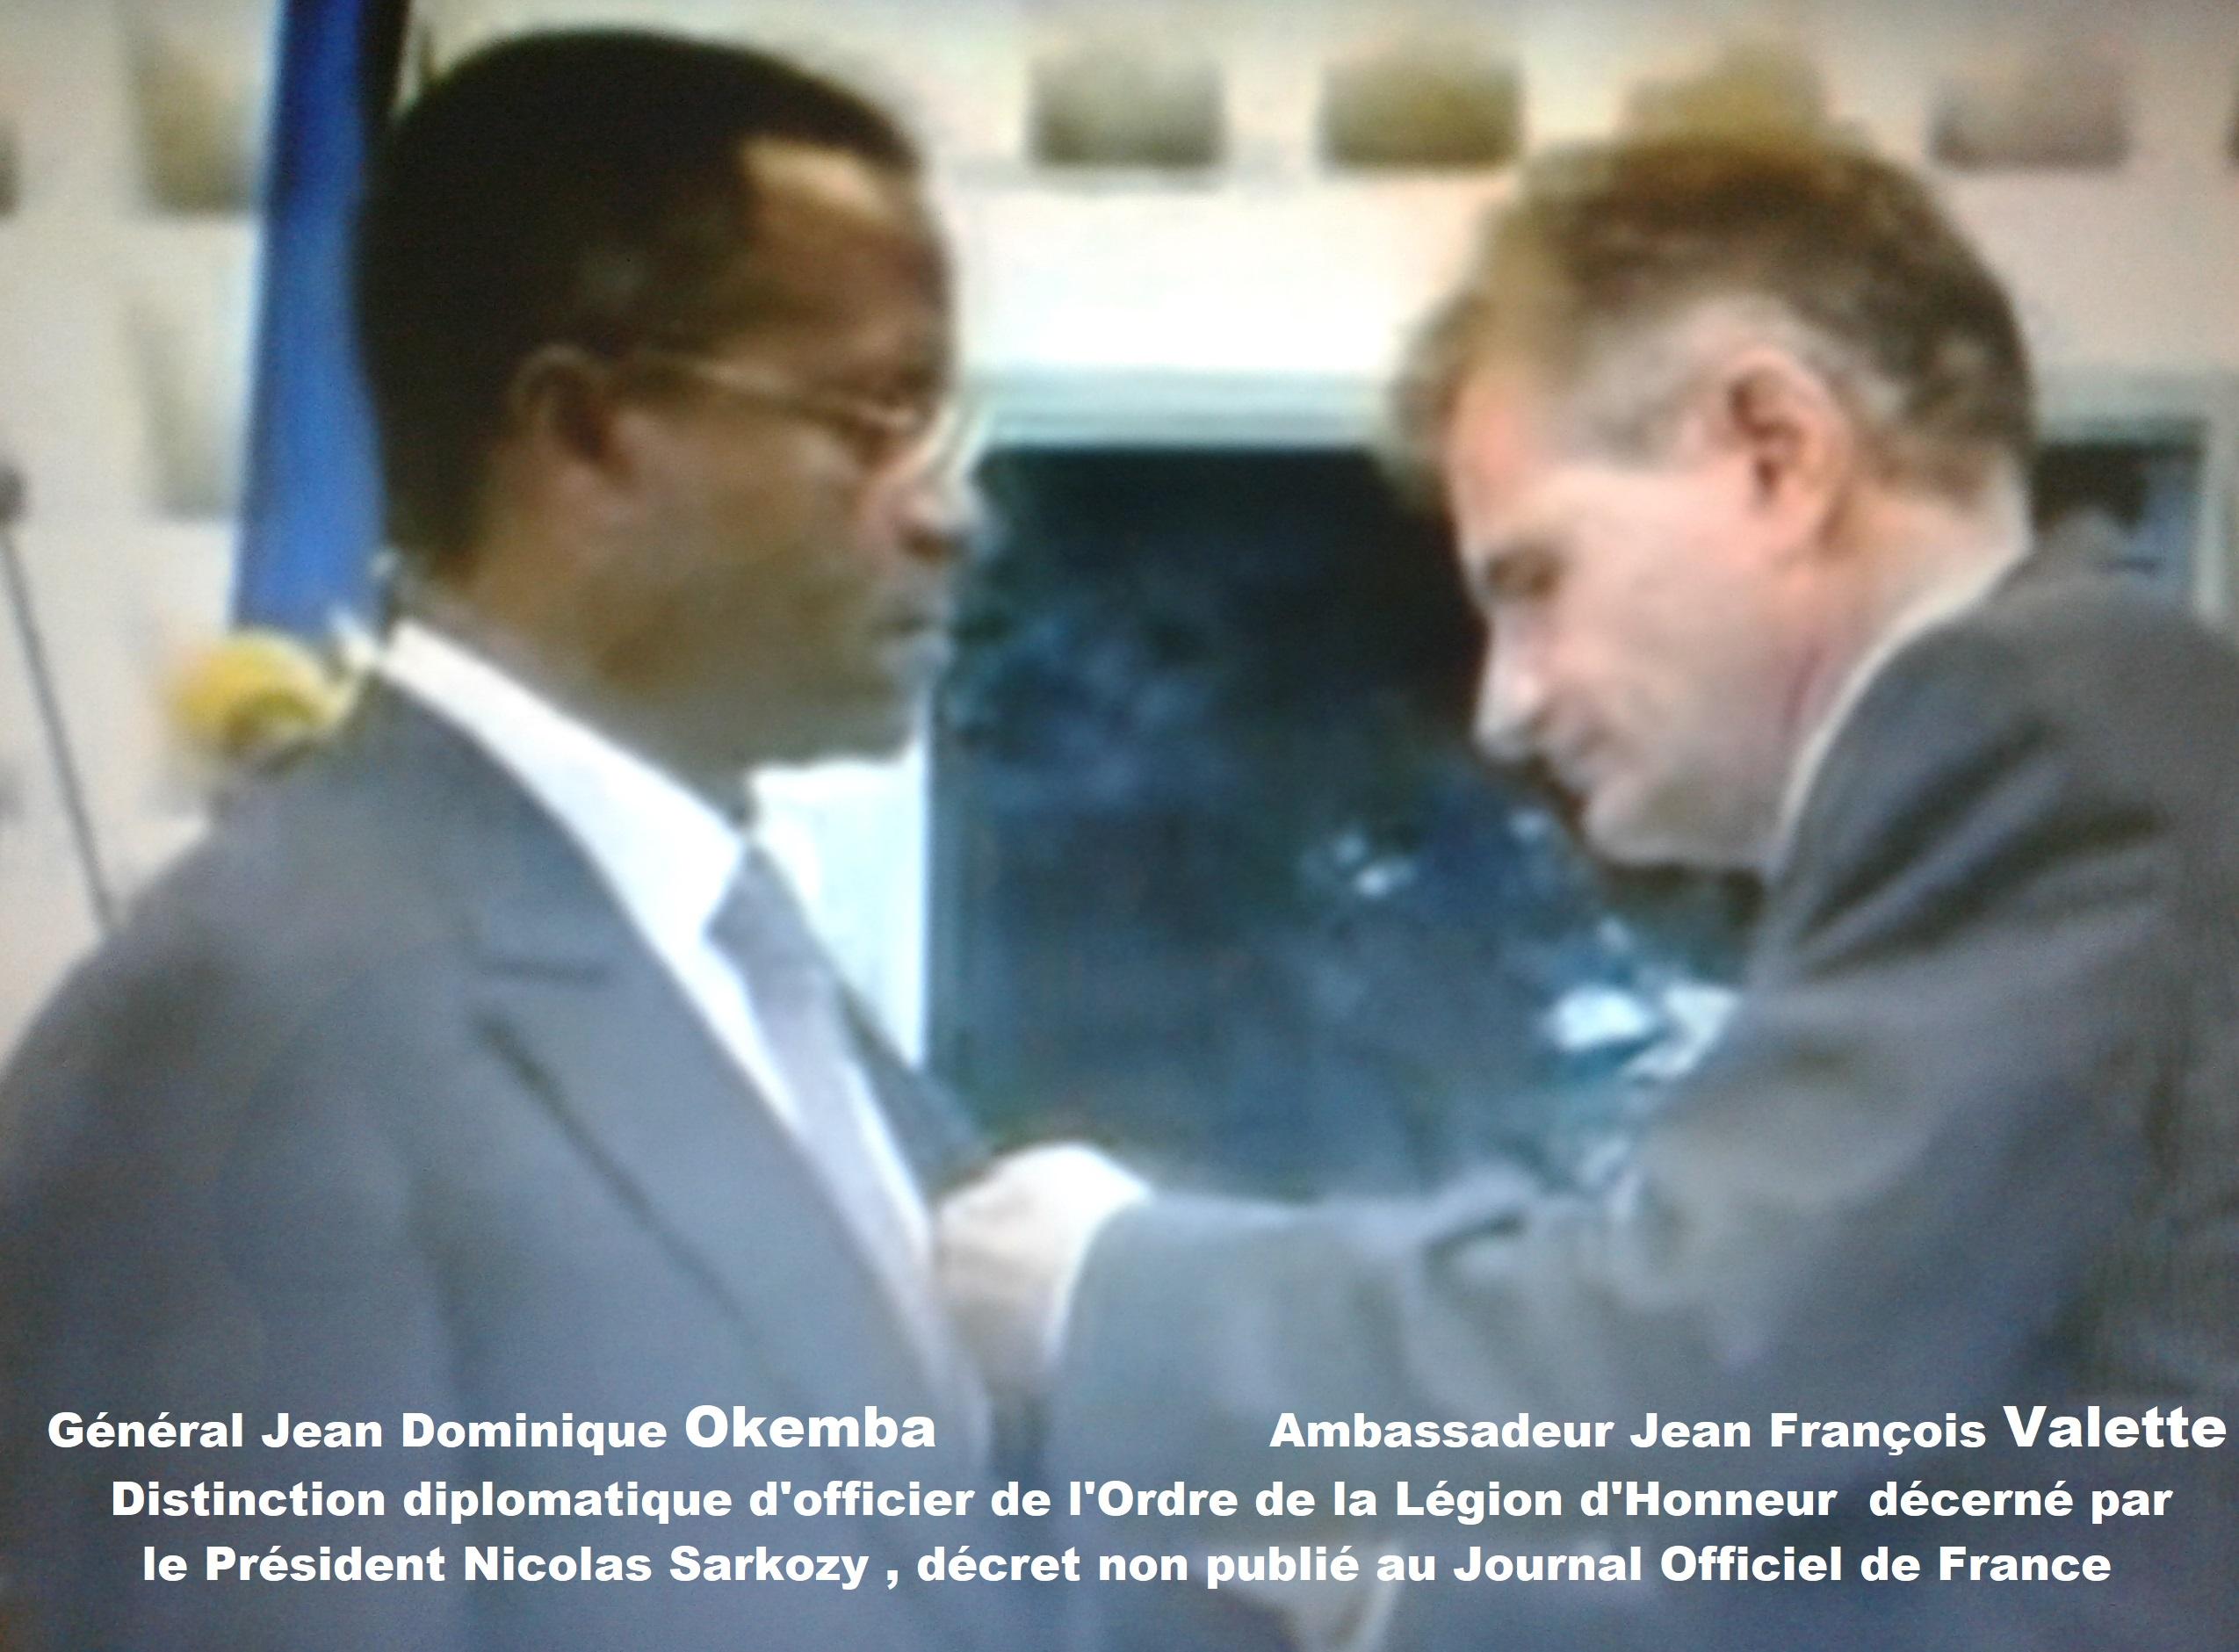 Jean Dominique Okemba tortionnaire recevant la distinction diplomatique des mains de Jean François Valette Ambassadeur de France (Violations des Droits de l'Homme en Afrique et dans le monde)